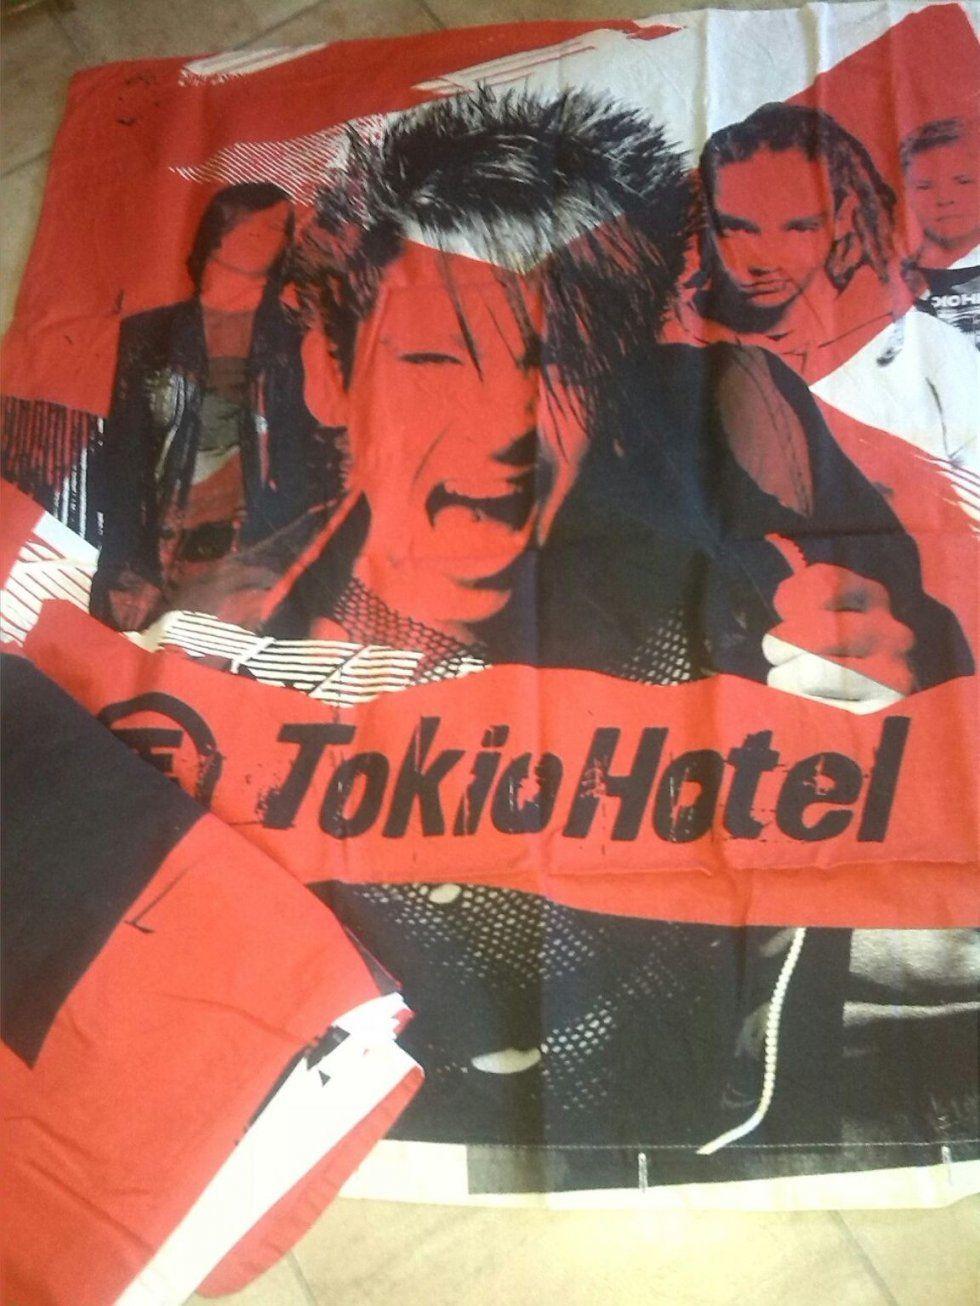 Gebraucht Tokio Hotel Bettwäsche In 68766 Hockenheim Um € 500 – Shpock von Tokio Hotel Bettwäsche Photo